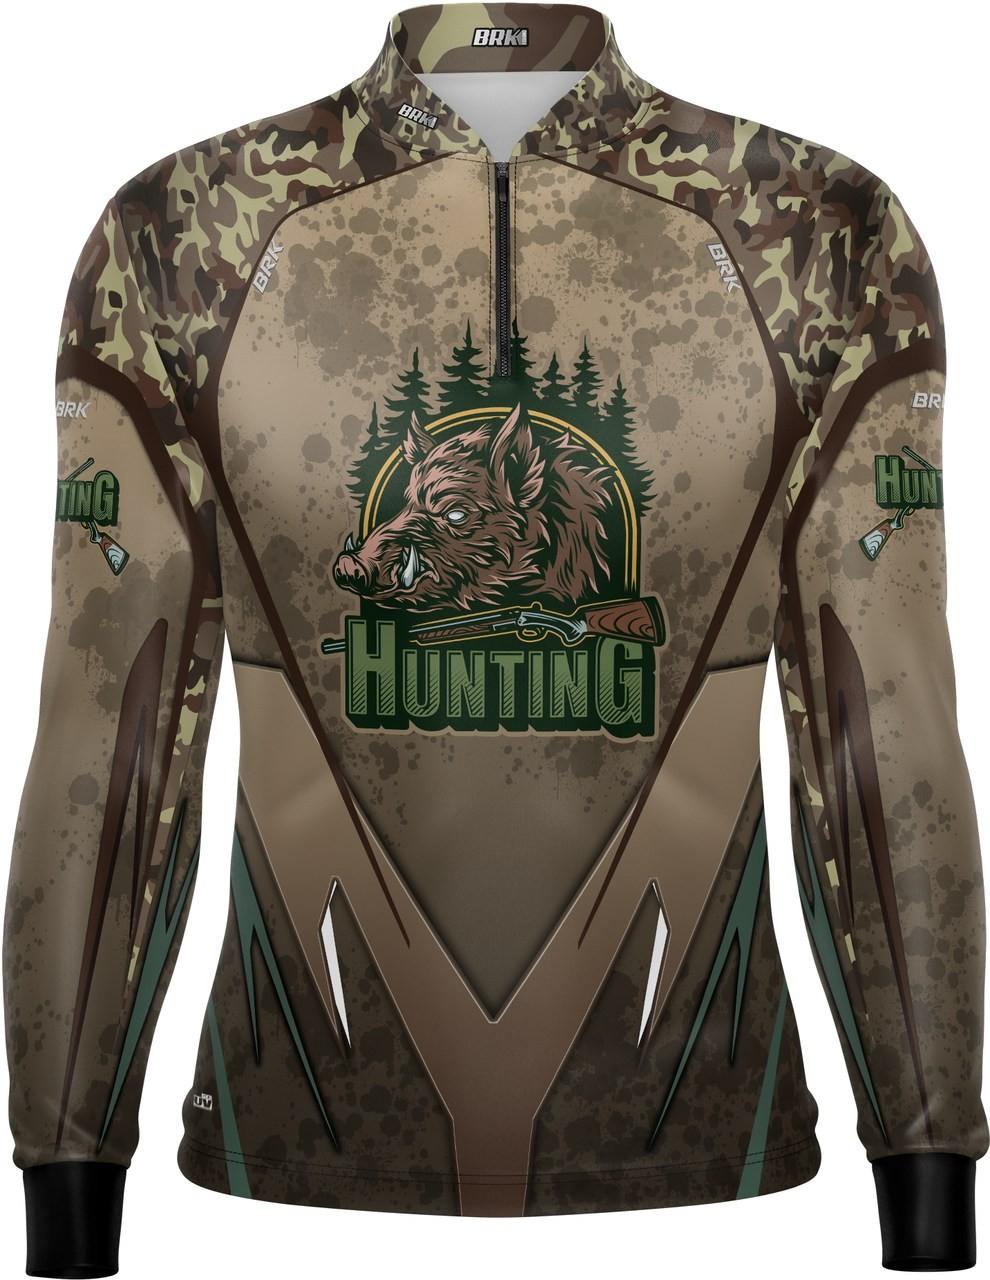 Camisa de Caça Brk Hunter Marrom com FPU 50+